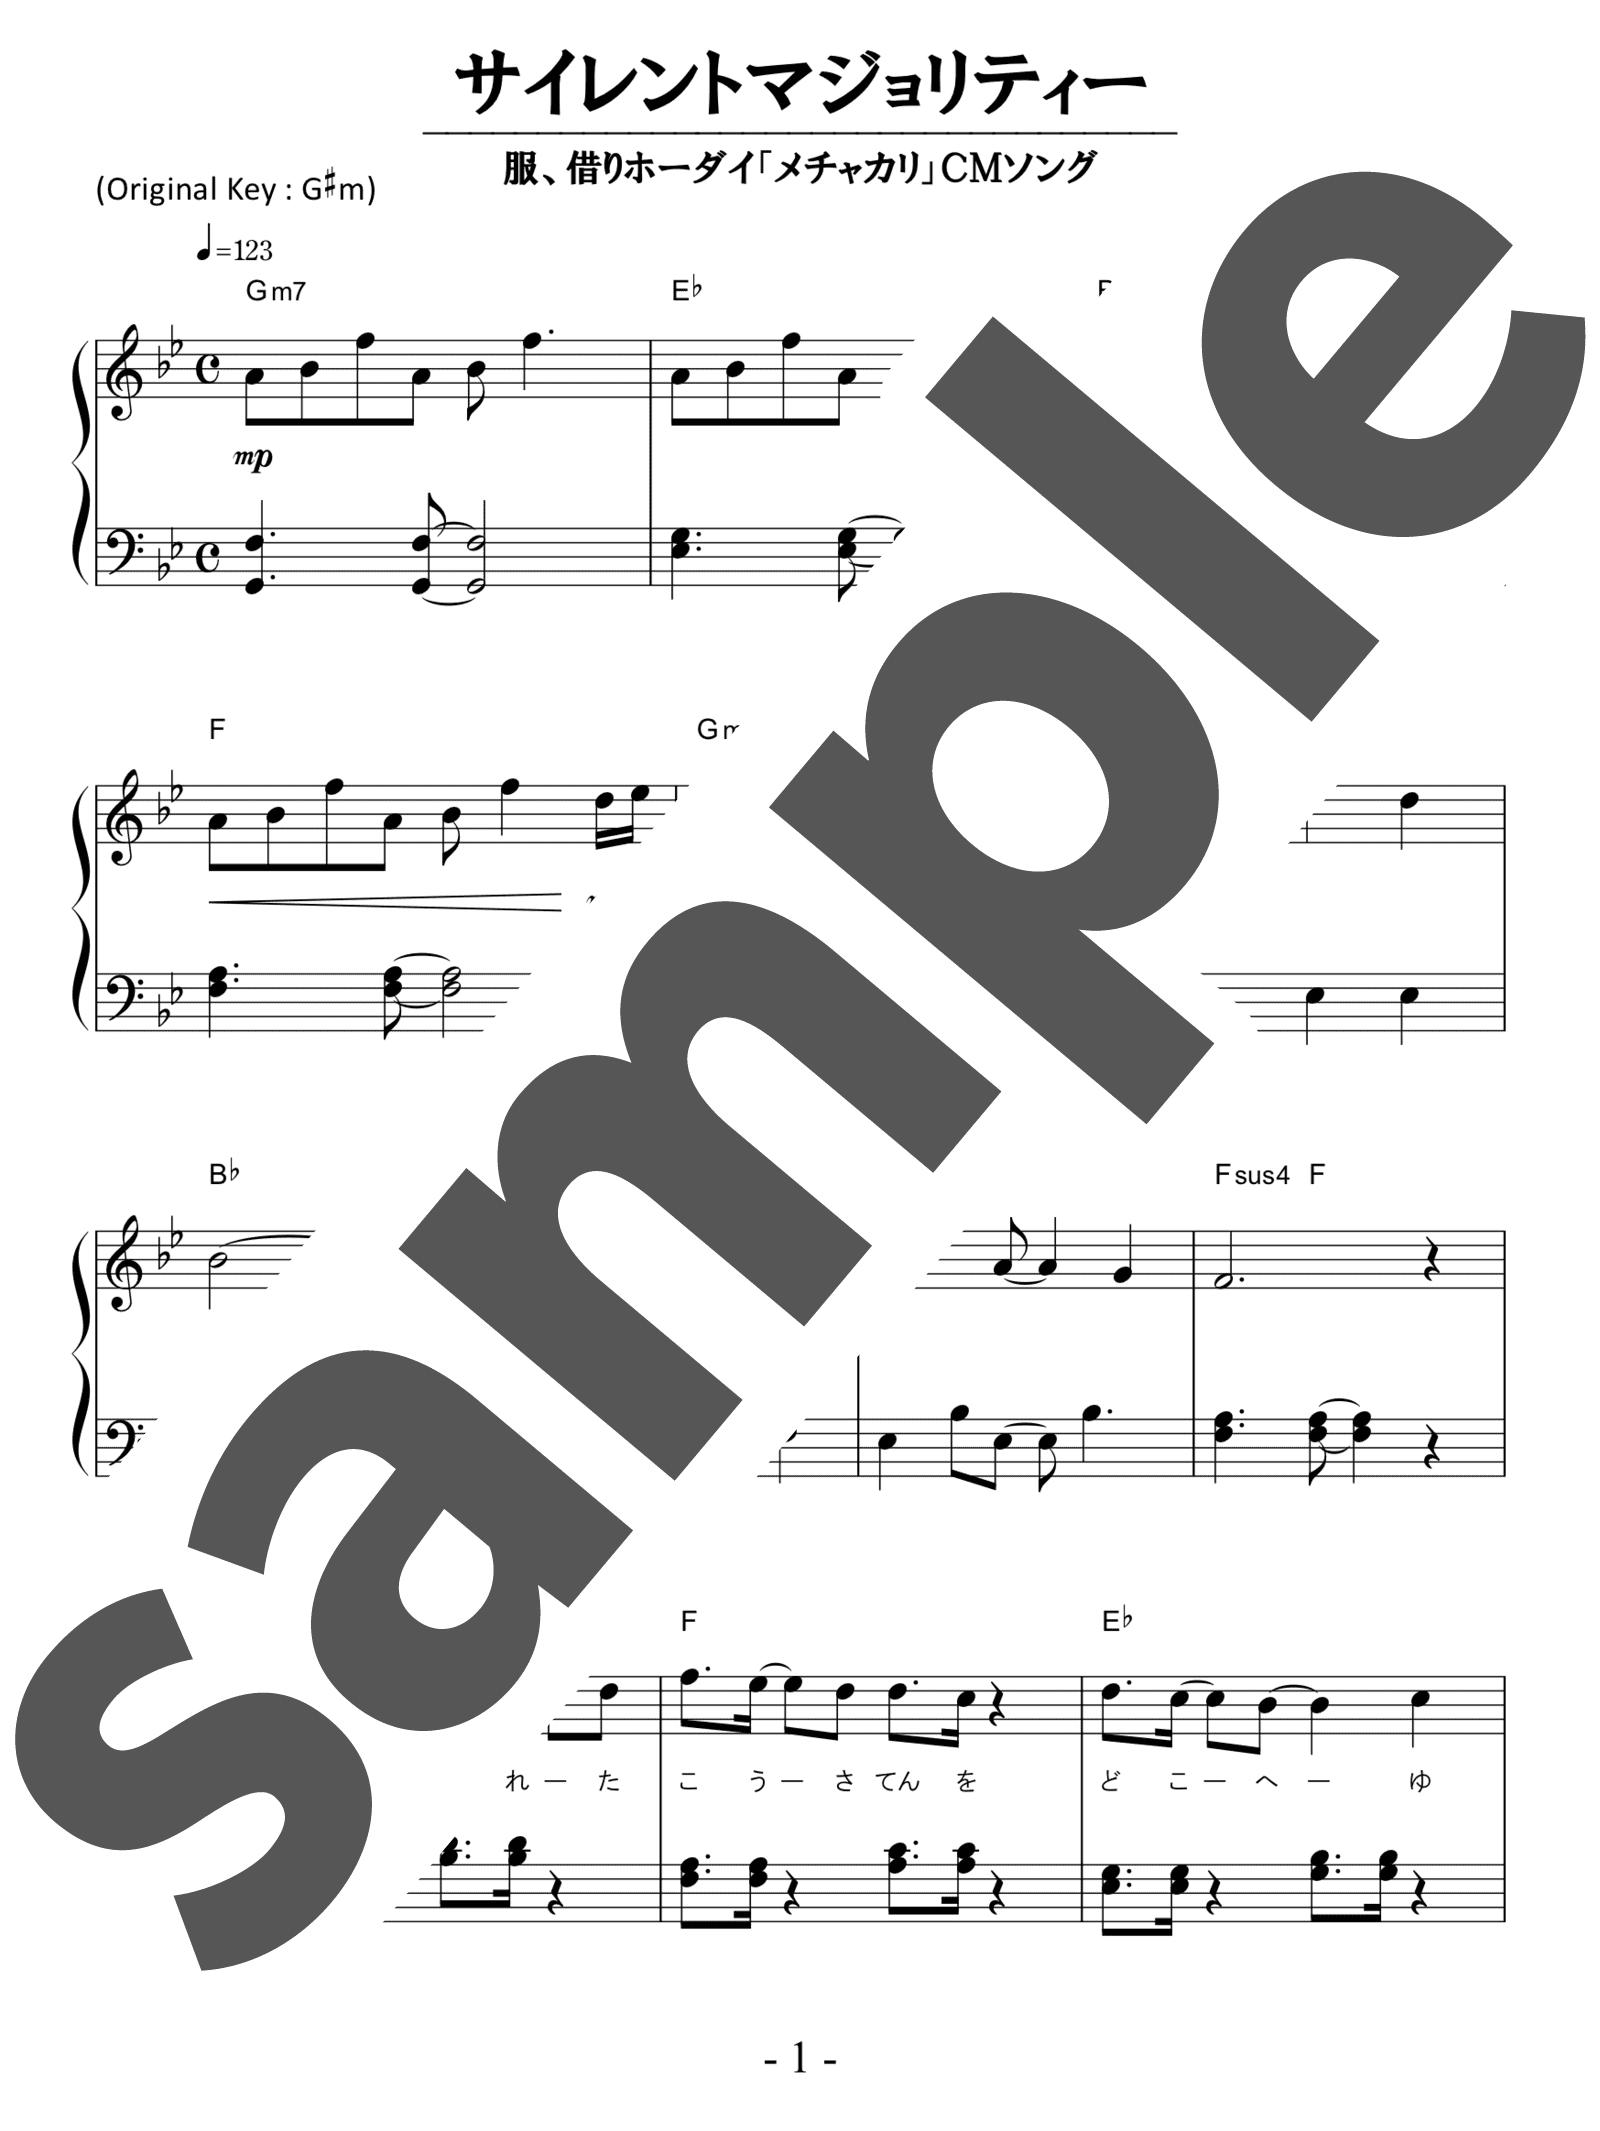 「サイレントマジョリティー」のサンプル楽譜